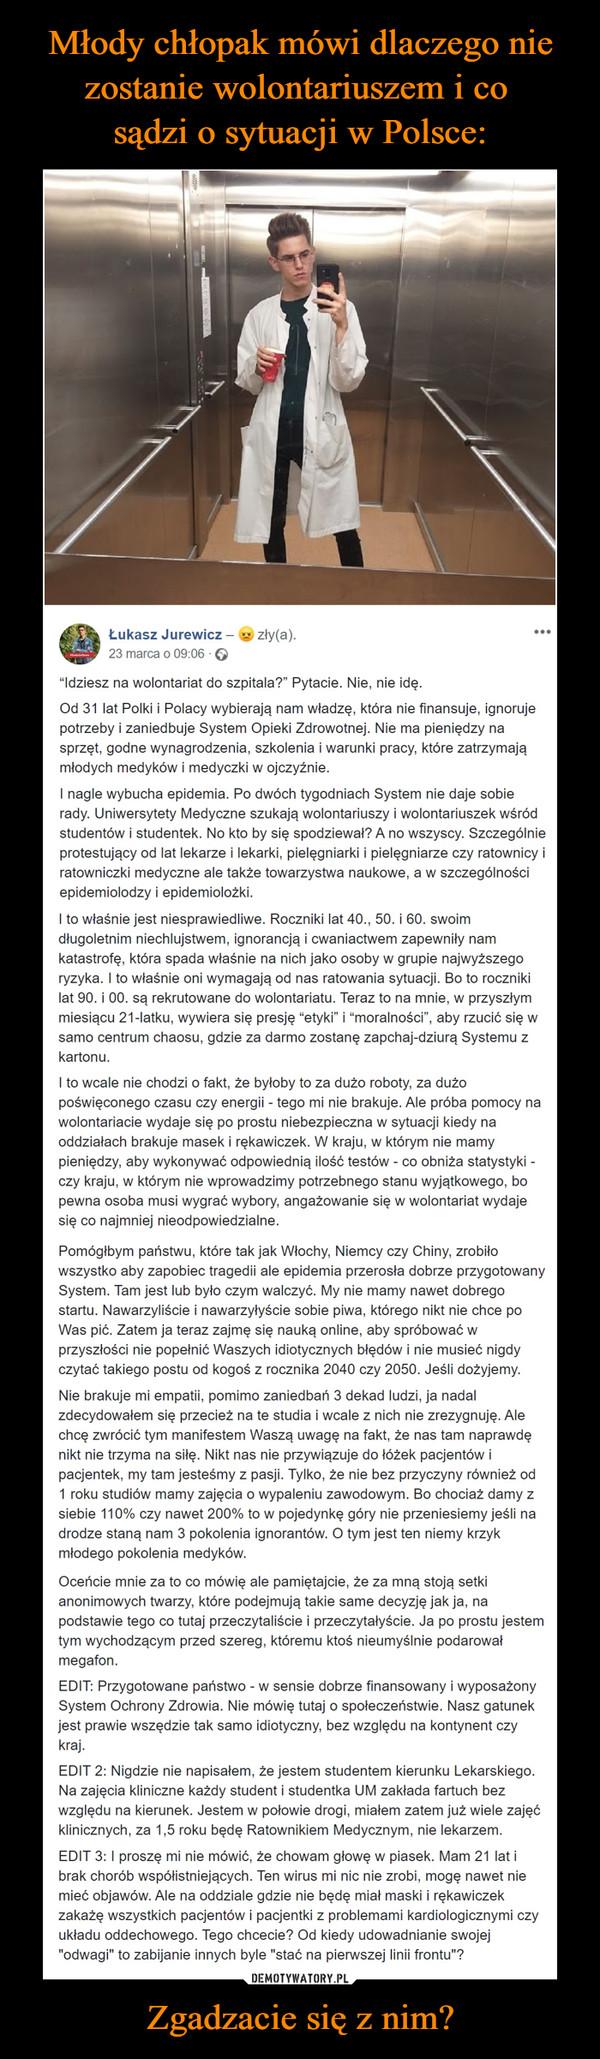 """Zgadzacie się z nim? –  Łukasz Jurewicz – zły(a).23 marca o 09:06 · """"Idziesz na wolontariat do szpitala?"""" Pytacie. Nie, nie idę.Od 31 lat Polki i Polacy wybierają nam władzę, która nie finansuje, ignoruje potrzeby i zaniedbuje System Opieki Zdrowotnej. Nie ma pieniędzy na sprzęt, godne wynagrodzenia, szkolenia i warunki pracy, które zatrzymają młodych medyków i medyczki w ojczyźnie.I nagle wybucha epidemia. Po dwóch tygodniach System nie daje sobie rady. Uniwersytety Medyczne szukają wolontariuszy i wolontariuszek wśród studentów i studentek. No kto by się spodziewał? A no wszyscy. Szczególnie protestujący od lat lekarze i lekarki, pielęgniarki i pielęgniarze czy ratownicy i ratowniczki medyczne ale także towarzystwa naukowe, a w szczególności epidemiolodzy i epidemiolożki.I to właśnie jest niesprawiedliwe. Roczniki lat 40., 50. i 60. swoim długoletnim niechlujstwem, ignorancją i cwaniactwem zapewniły nam katastrofę, która spada właśnie na nich jako osoby w grupie najwyższego ryzyka. I to właśnie oni wymagają od nas ratowania sytuacji. Bo to roczniki lat 90. i 00. są rekrutowane do wolontariatu. Teraz to na mnie, w przyszłym miesiącu 21-latku, wywiera się presję """"etyki"""" i """"moralności"""", aby rzucić się w samo centrum chaosu, gdzie za darmo zostanę zapchaj-dziurą Systemu z kartonu.I to wcale nie chodzi o fakt, że byłoby to za dużo roboty, za dużo poświęconego czasu czy energii - tego mi nie brakuje. Ale próba pomocy na wolontariacie wydaje się po prostu niebezpieczna w sytuacji kiedy na oddziałach brakuje masek i rękawiczek. W kraju, w którym nie mamy pieniędzy, aby wykonywać odpowiednią ilość testów - co obniża statystyki - czy kraju, w którym nie wprowadzimy potrzebnego stanu wyjątkowego, bo pewna osoba musi wygrać wybory, angażowanie się w wolontariat wydaje się co najmniej nieodpowiedzialne.Pomógłbym państwu, które tak jak Włochy, Niemcy czy Chiny, zrobiło wszystko aby zapobiec tragedii ale epidemia przerosła dobrze przygotowany System. Tam jest lub było czym walcz"""